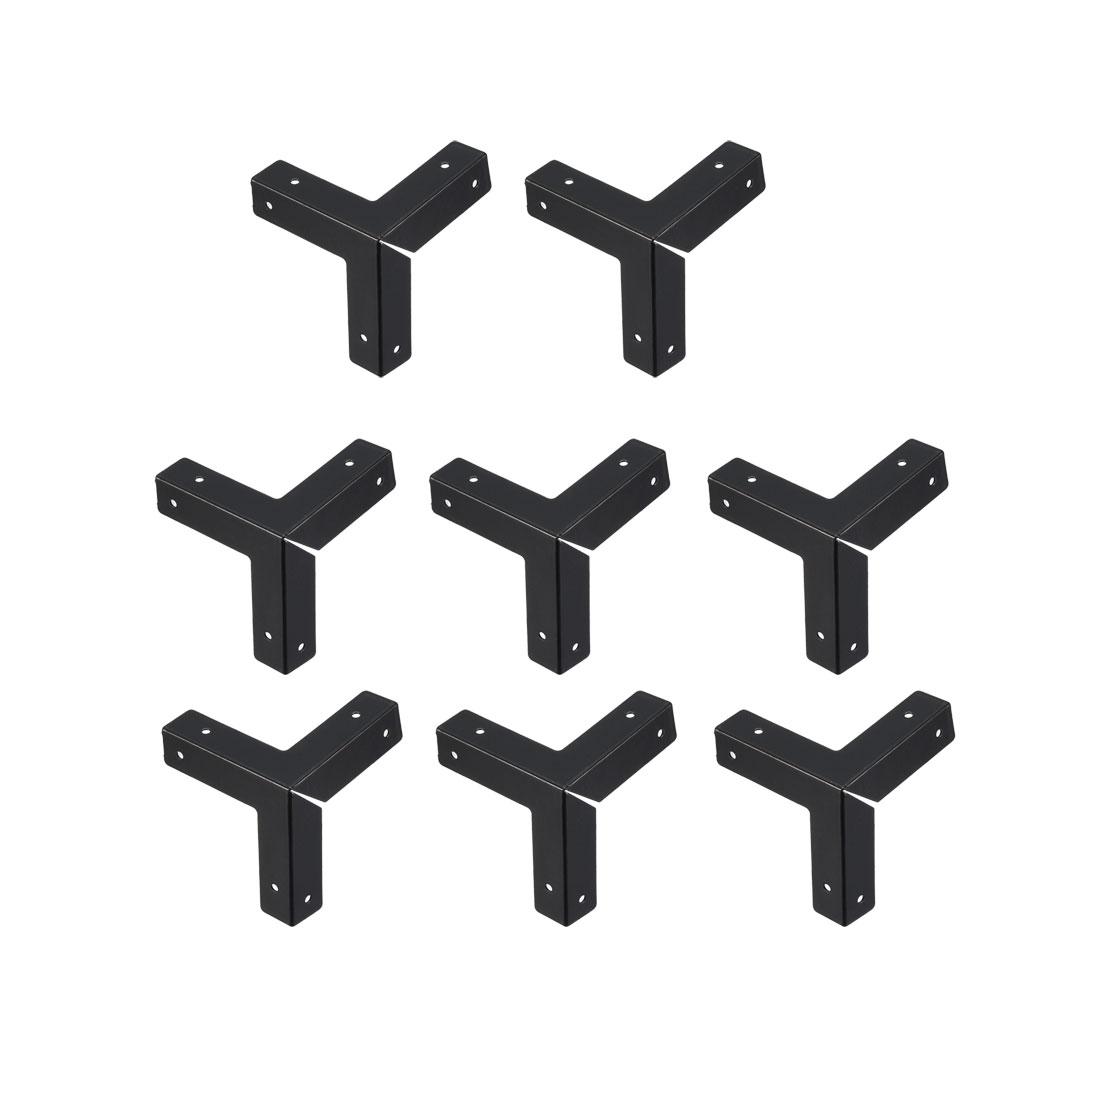 Metal Box Corner Protectors Edge Guard Protector 33 x 33 x 33mm Black 8pcs